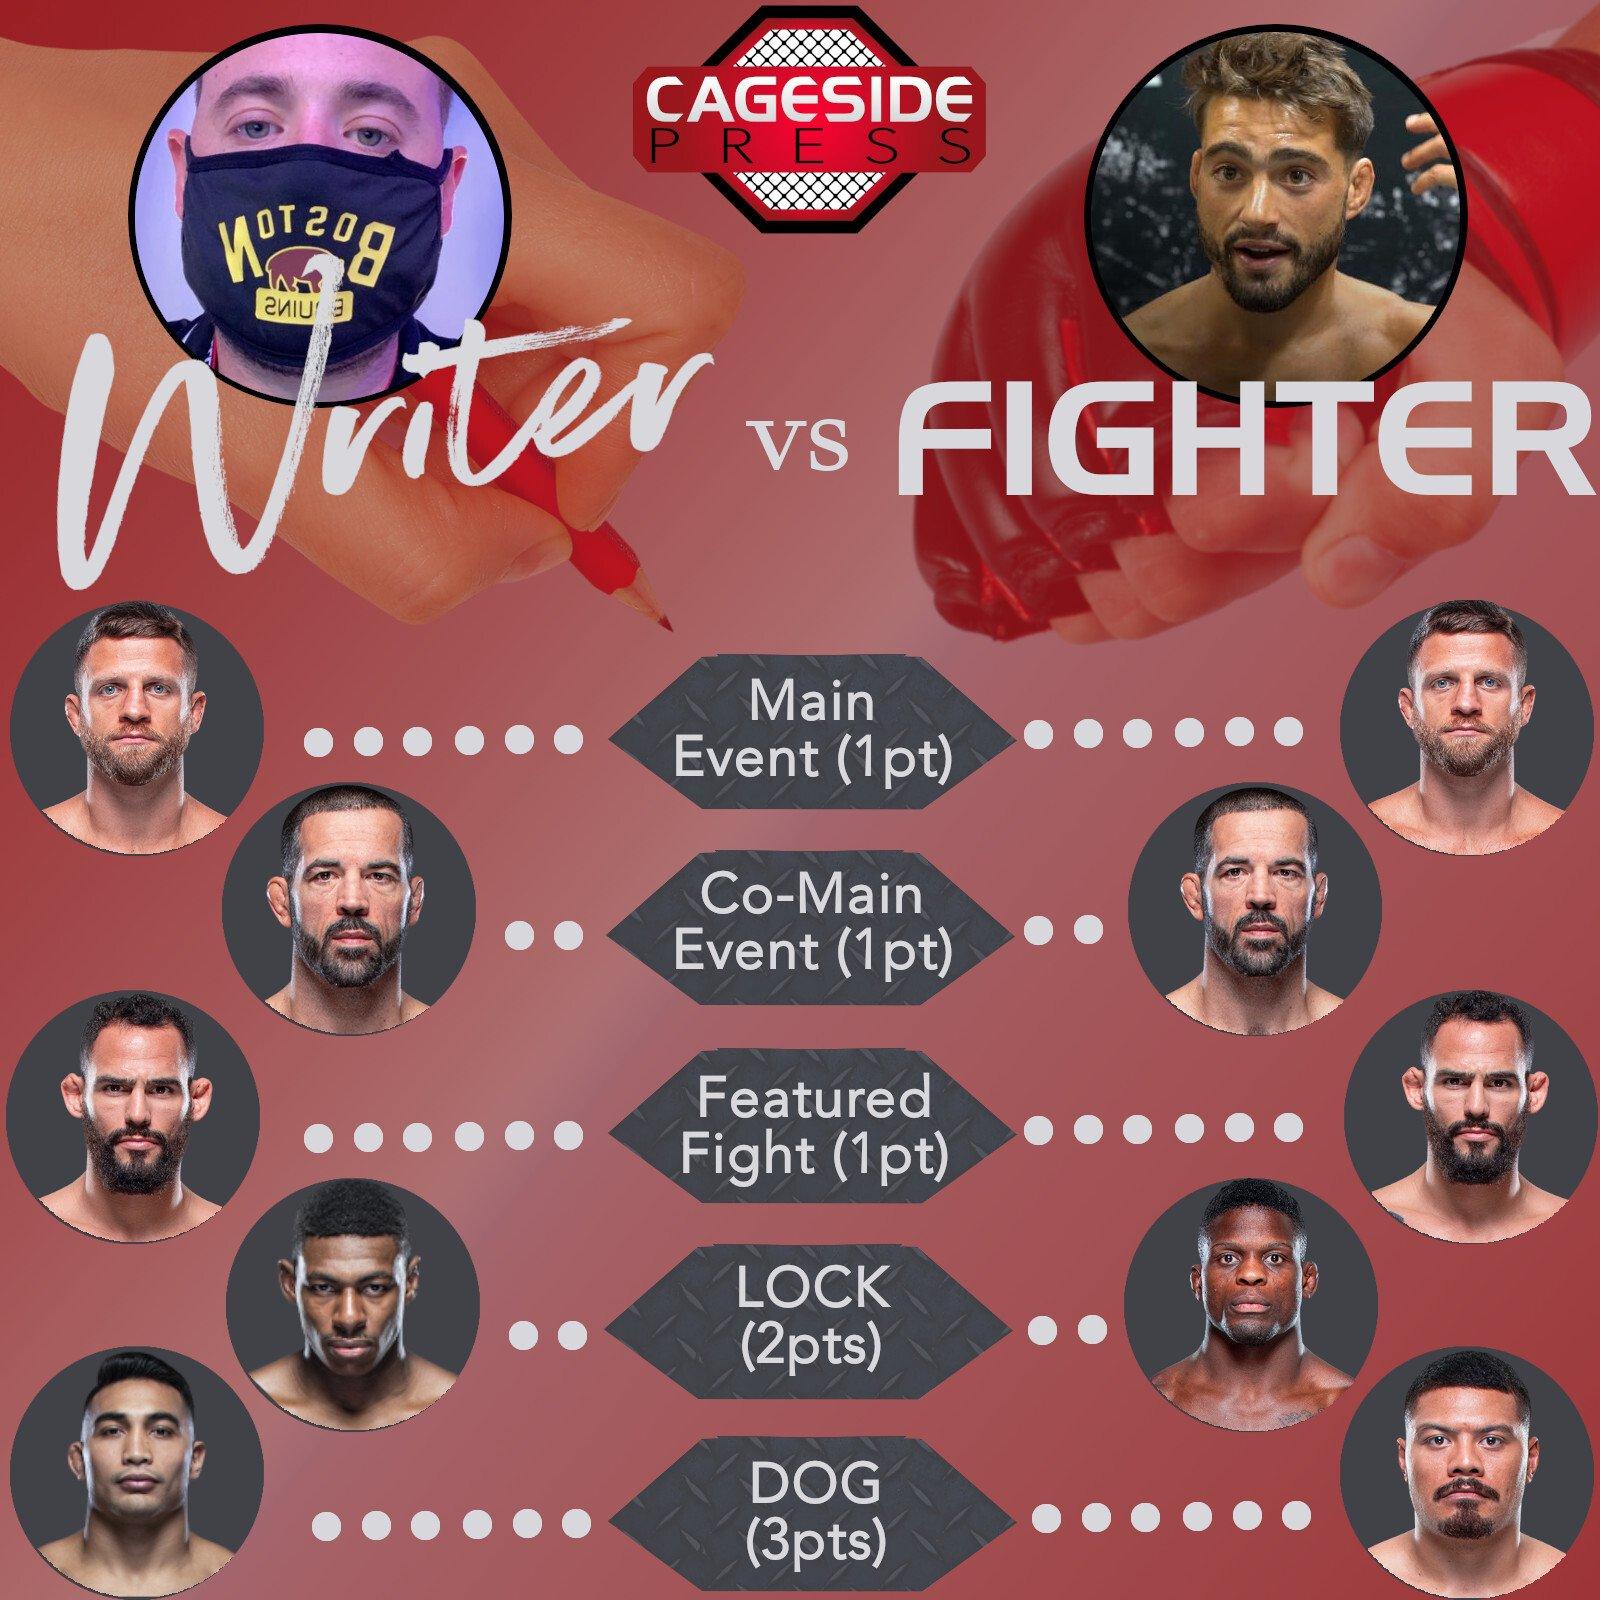 Writer vs. Fighter